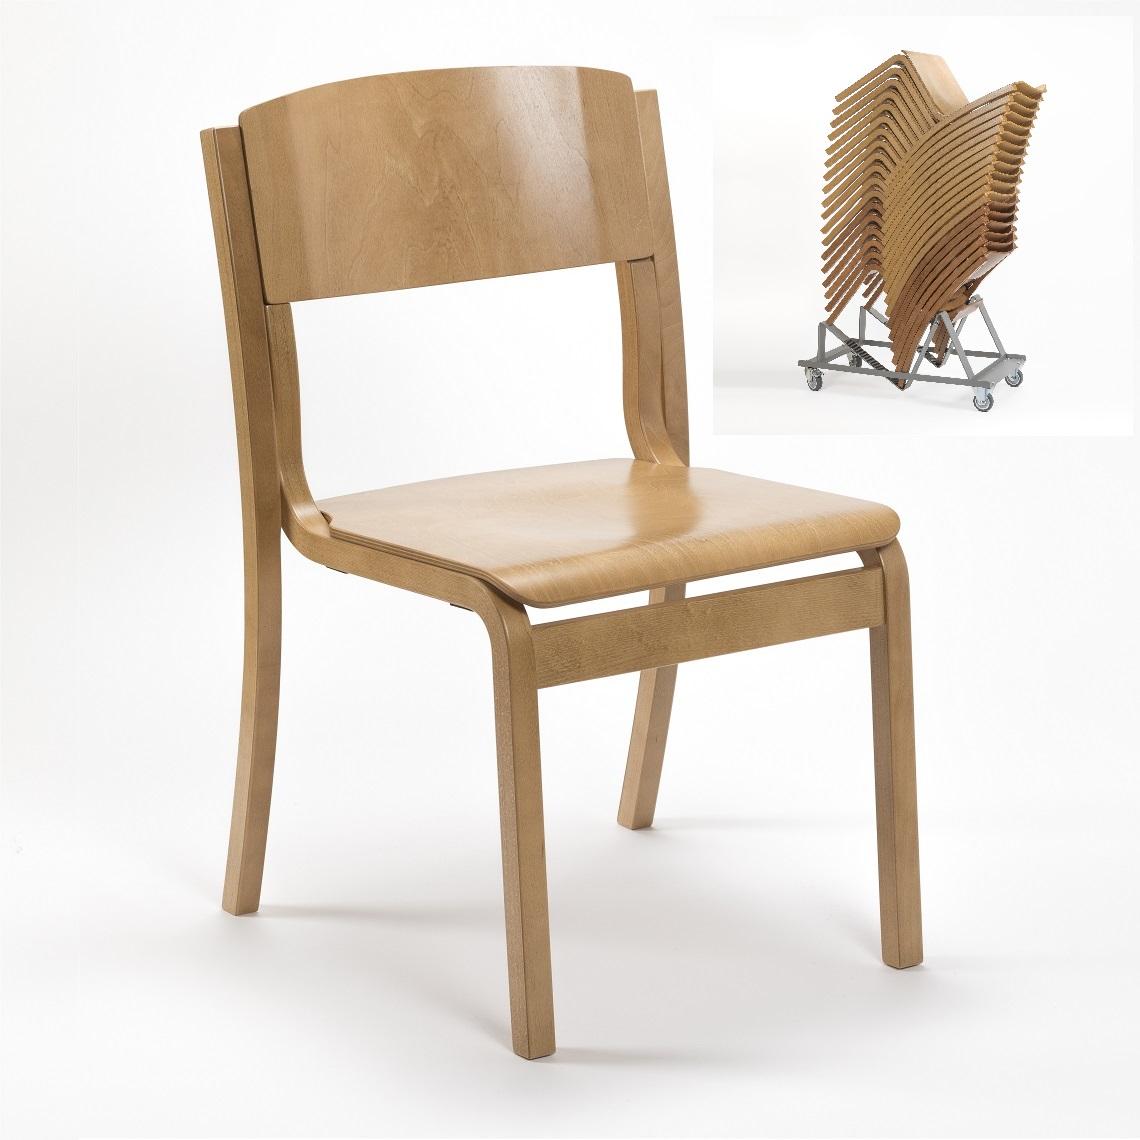 Lightweight Wooden High Stacking Chair Alpha Furniture